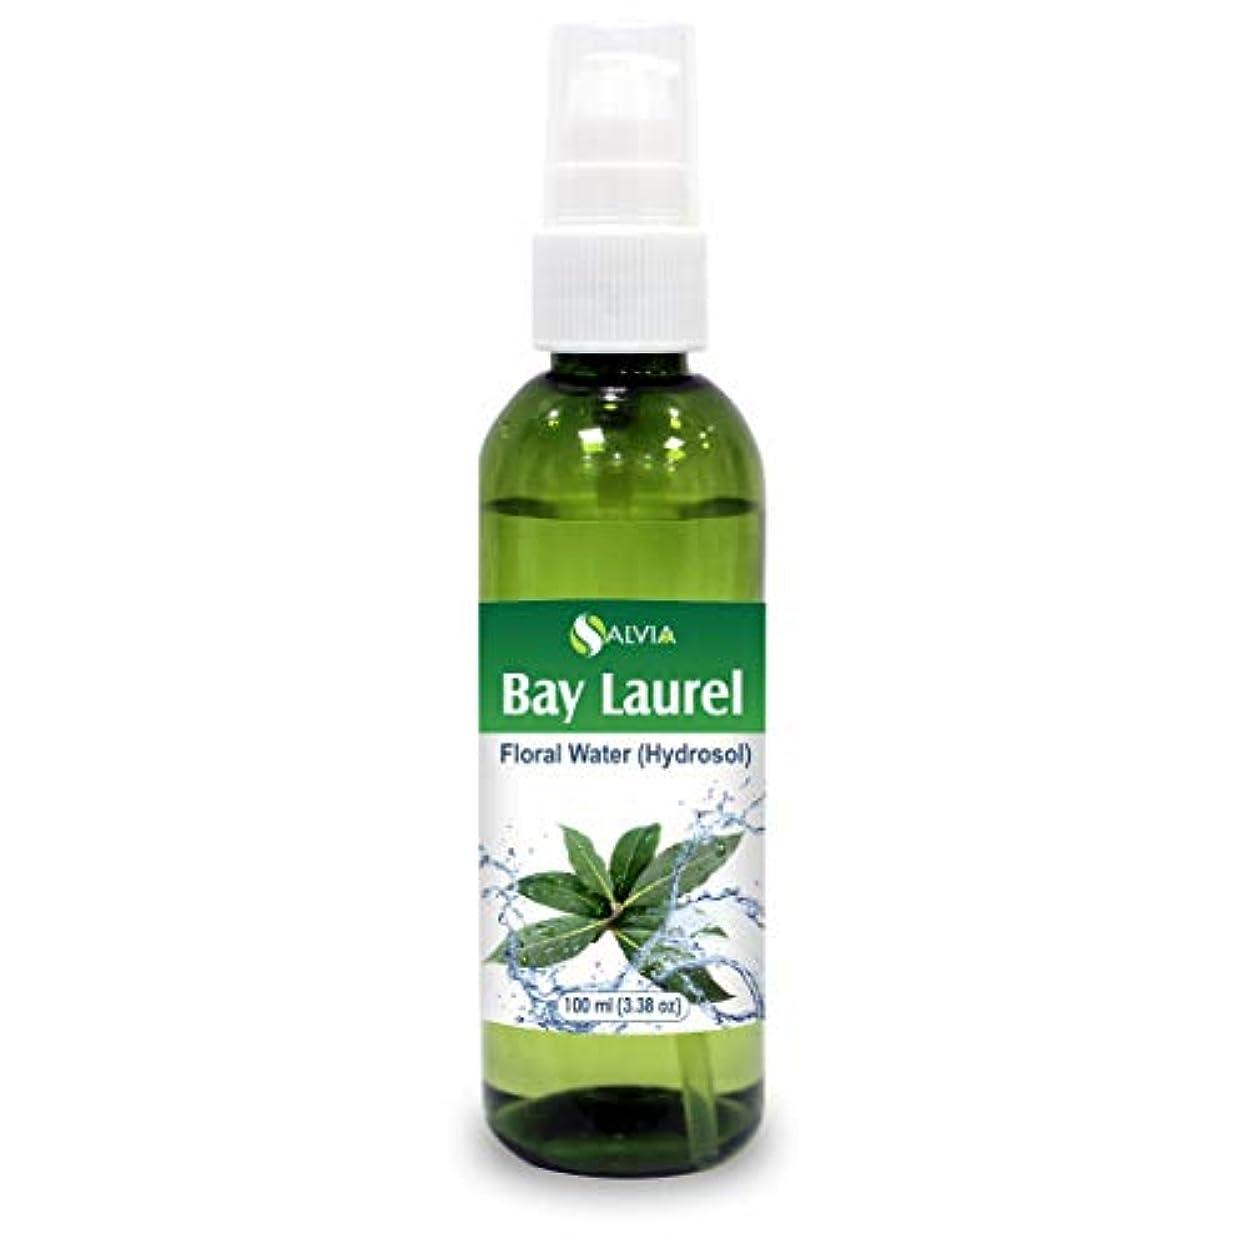 柔らかい足下る壮大なBay Laurel Floral Water 100ml (Hydrosol) 100% Pure And Natural